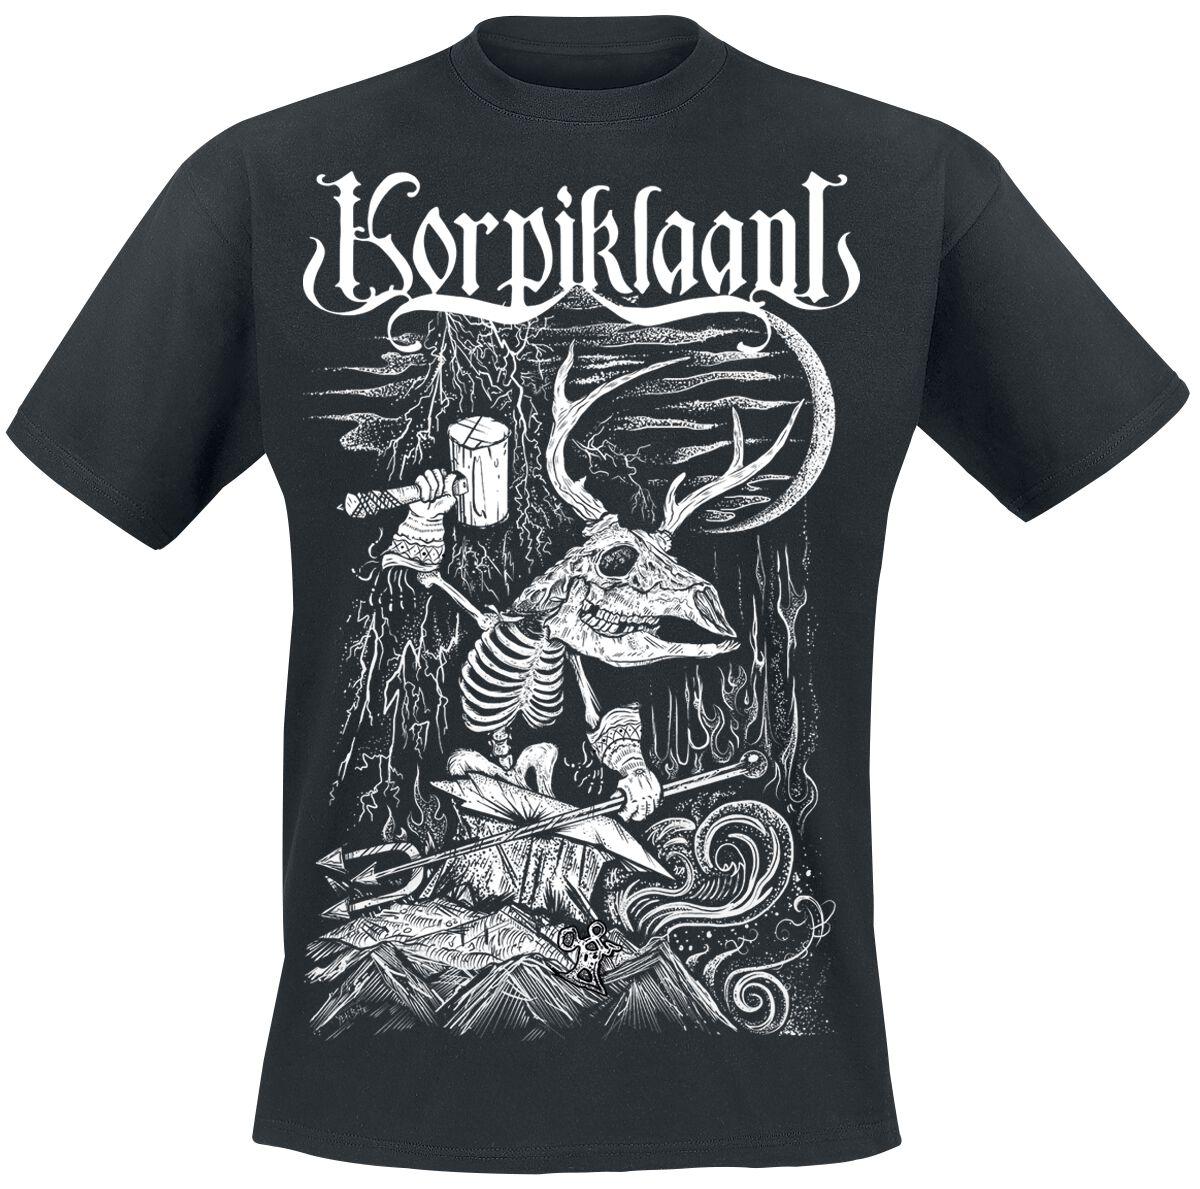 Zespoły - Koszulki - T-Shirt Korpiklaani Blacksmith T-Shirt czarny - 313085